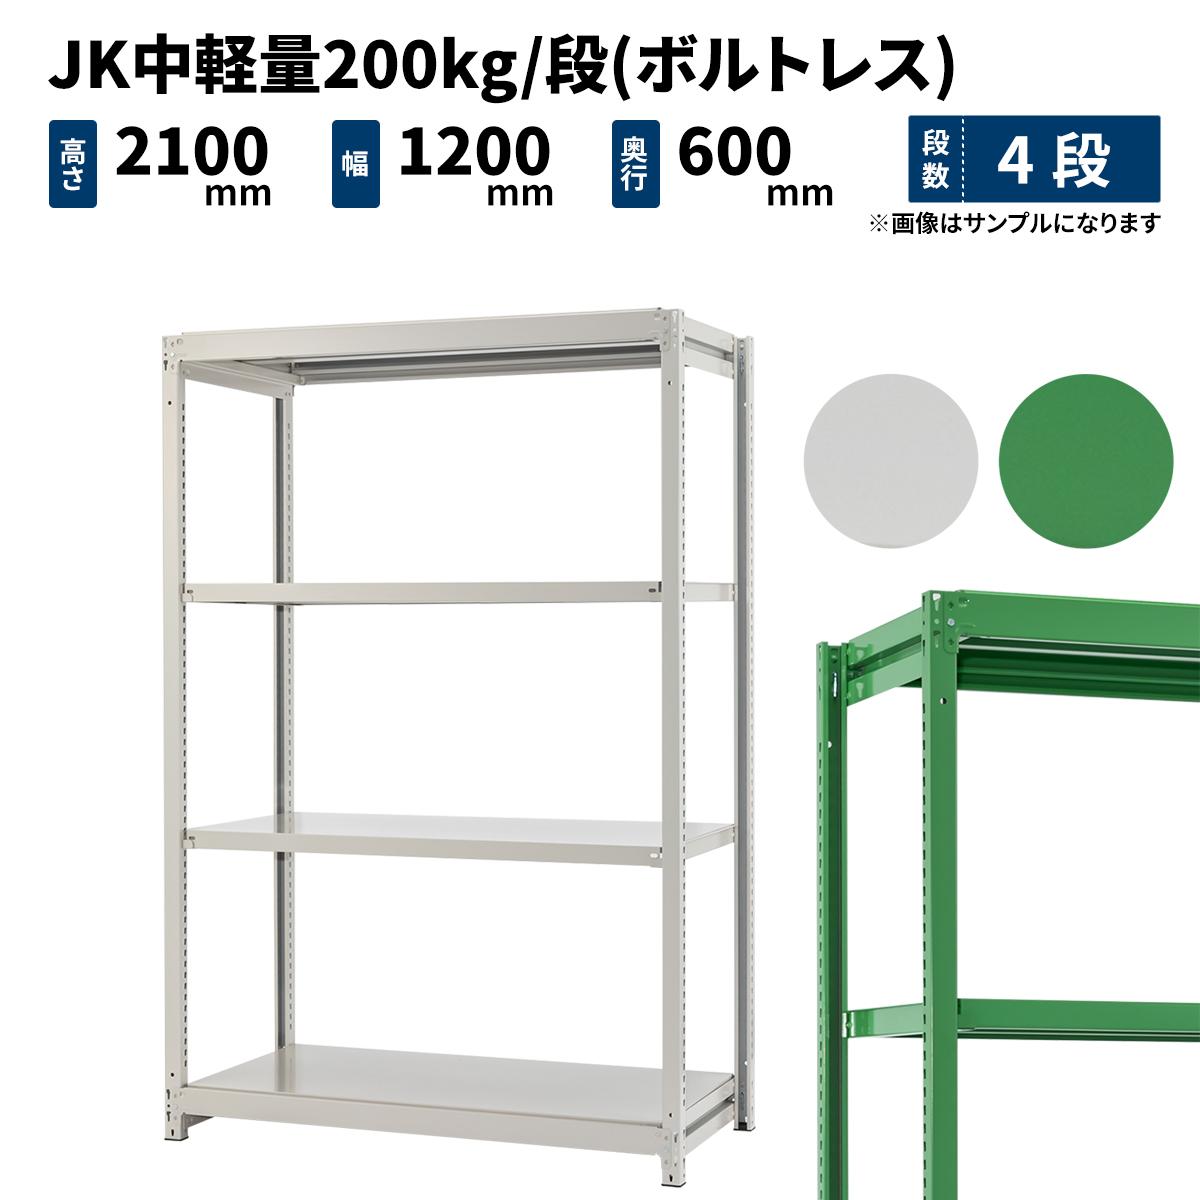 スチールラック 業務用 JK中軽量200kg/段(ボルトレス) 単体形式 高さ2100×幅1200×奥行600mm 4段 ホワイトグレー/グリーン (52kg) JK200_T-211206-4